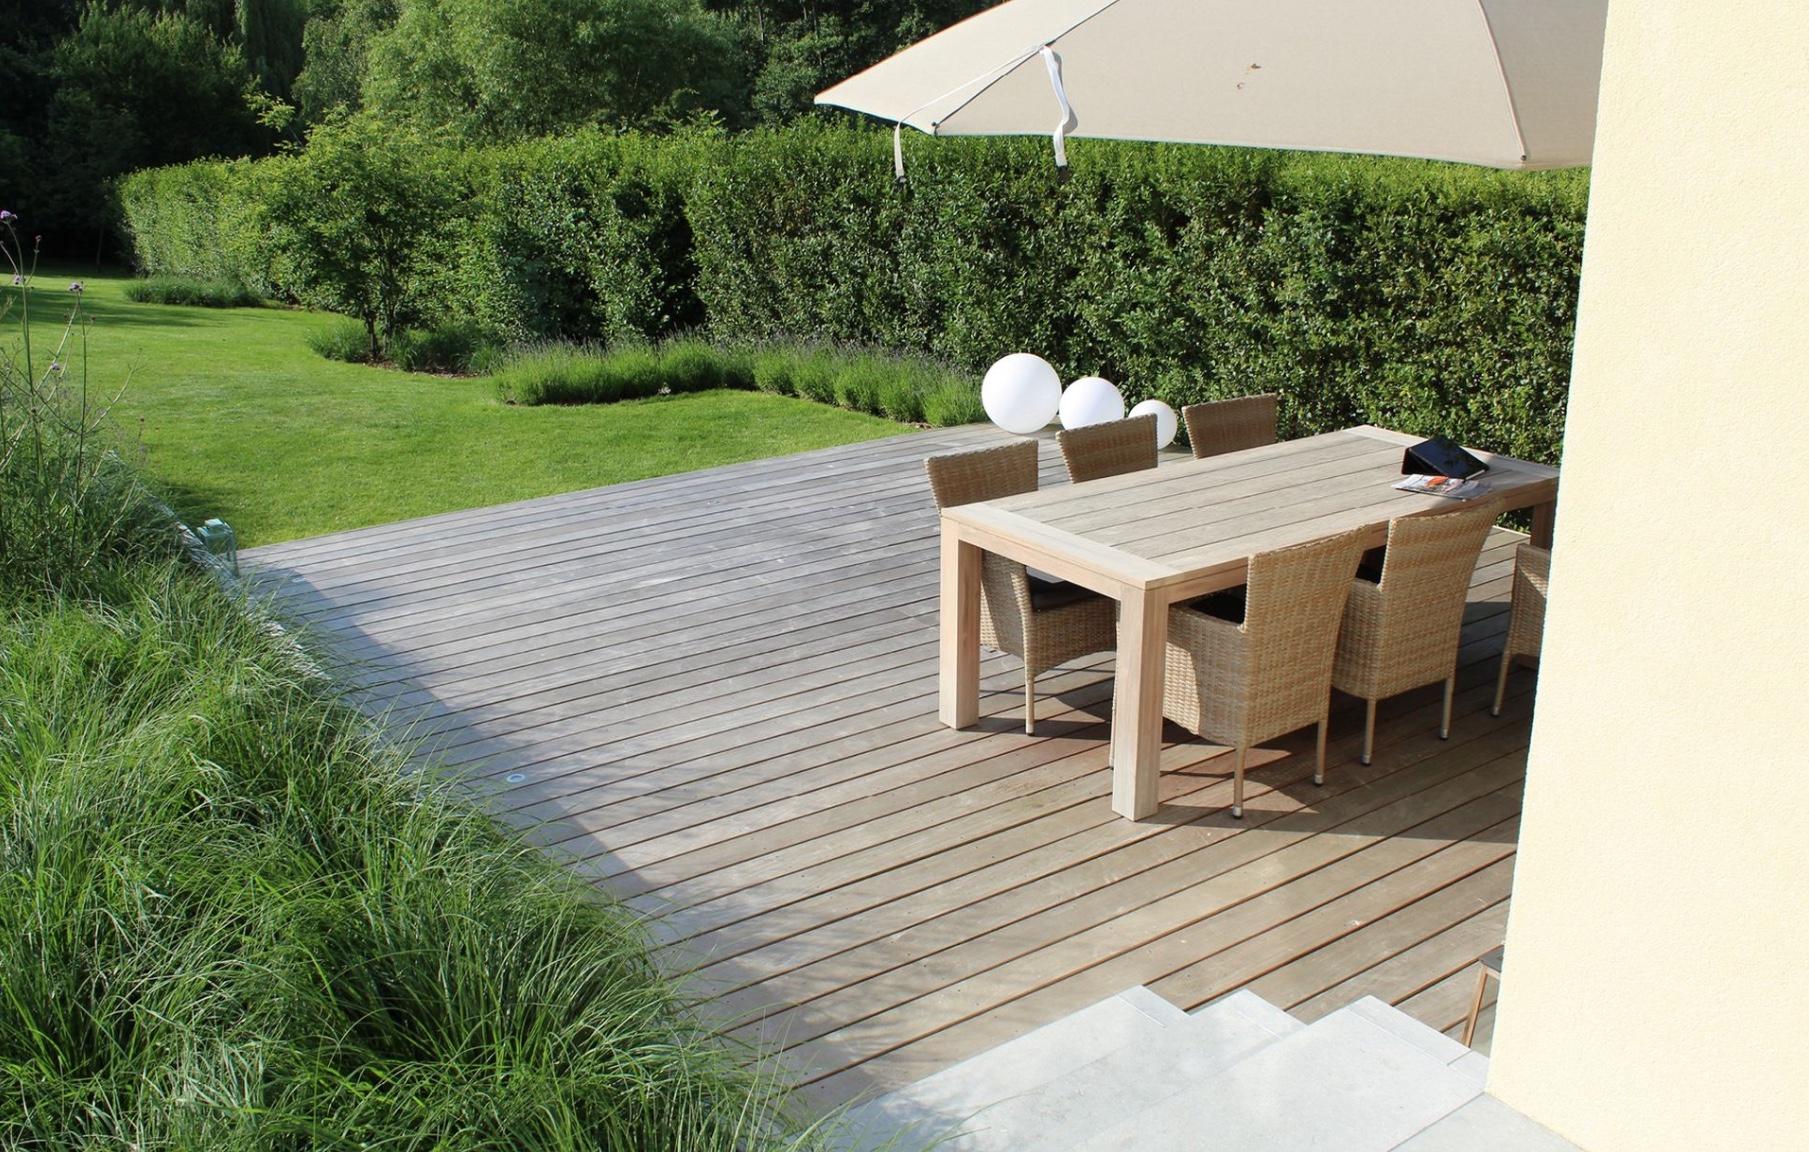 DP Landscape Studio francois piette architecte de jardins plan de jardins aménagements extérieurs fu